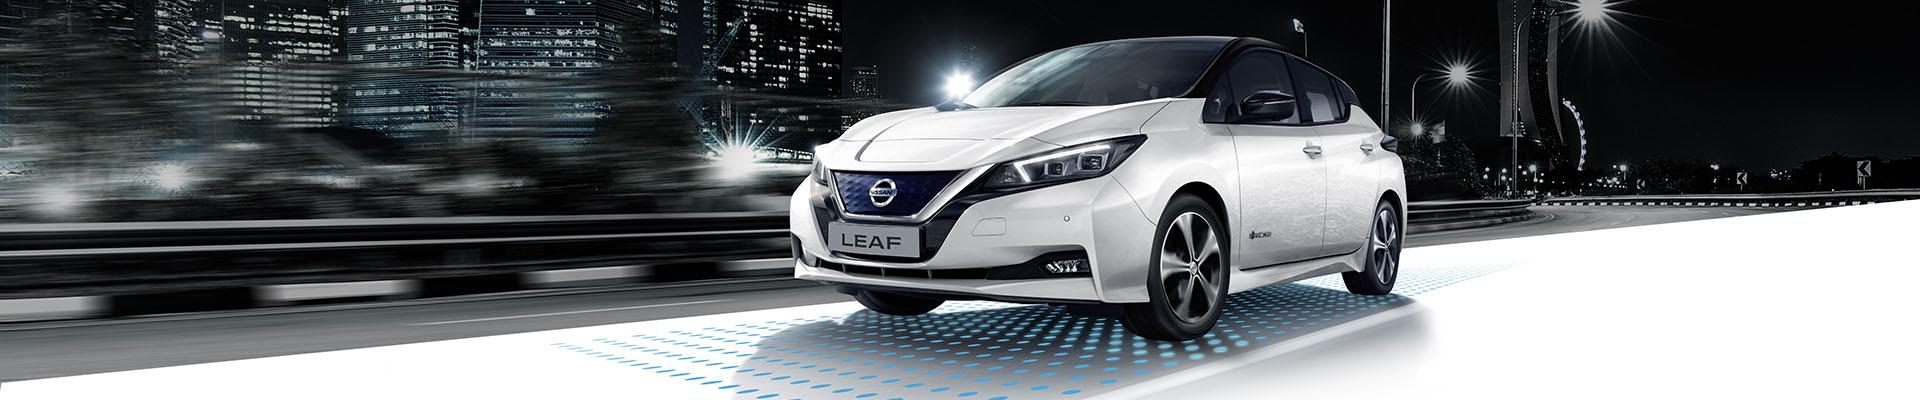 Nissan-PB-Leaf